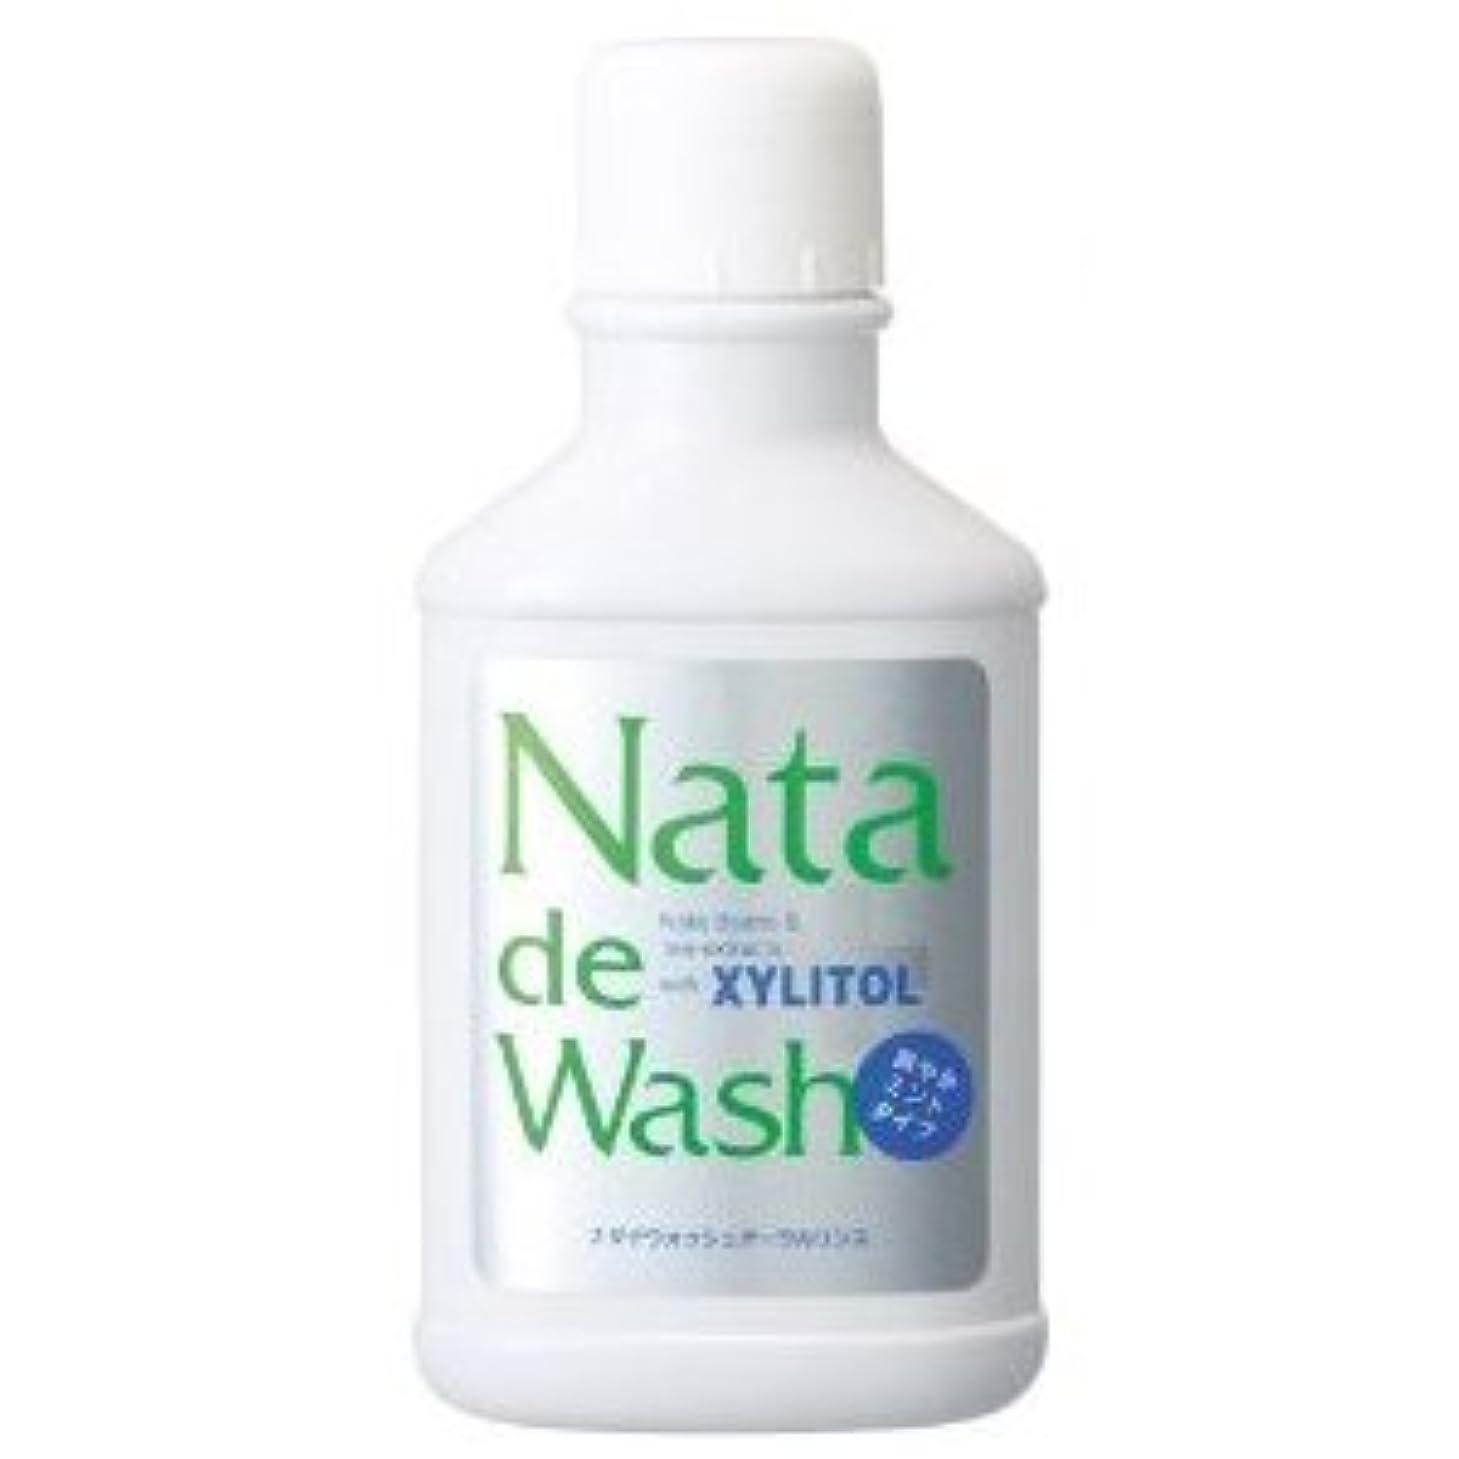 買う最適調整する20秒の口臭対策 ナタデウォッシュ 500ml ナタデウォッシュ